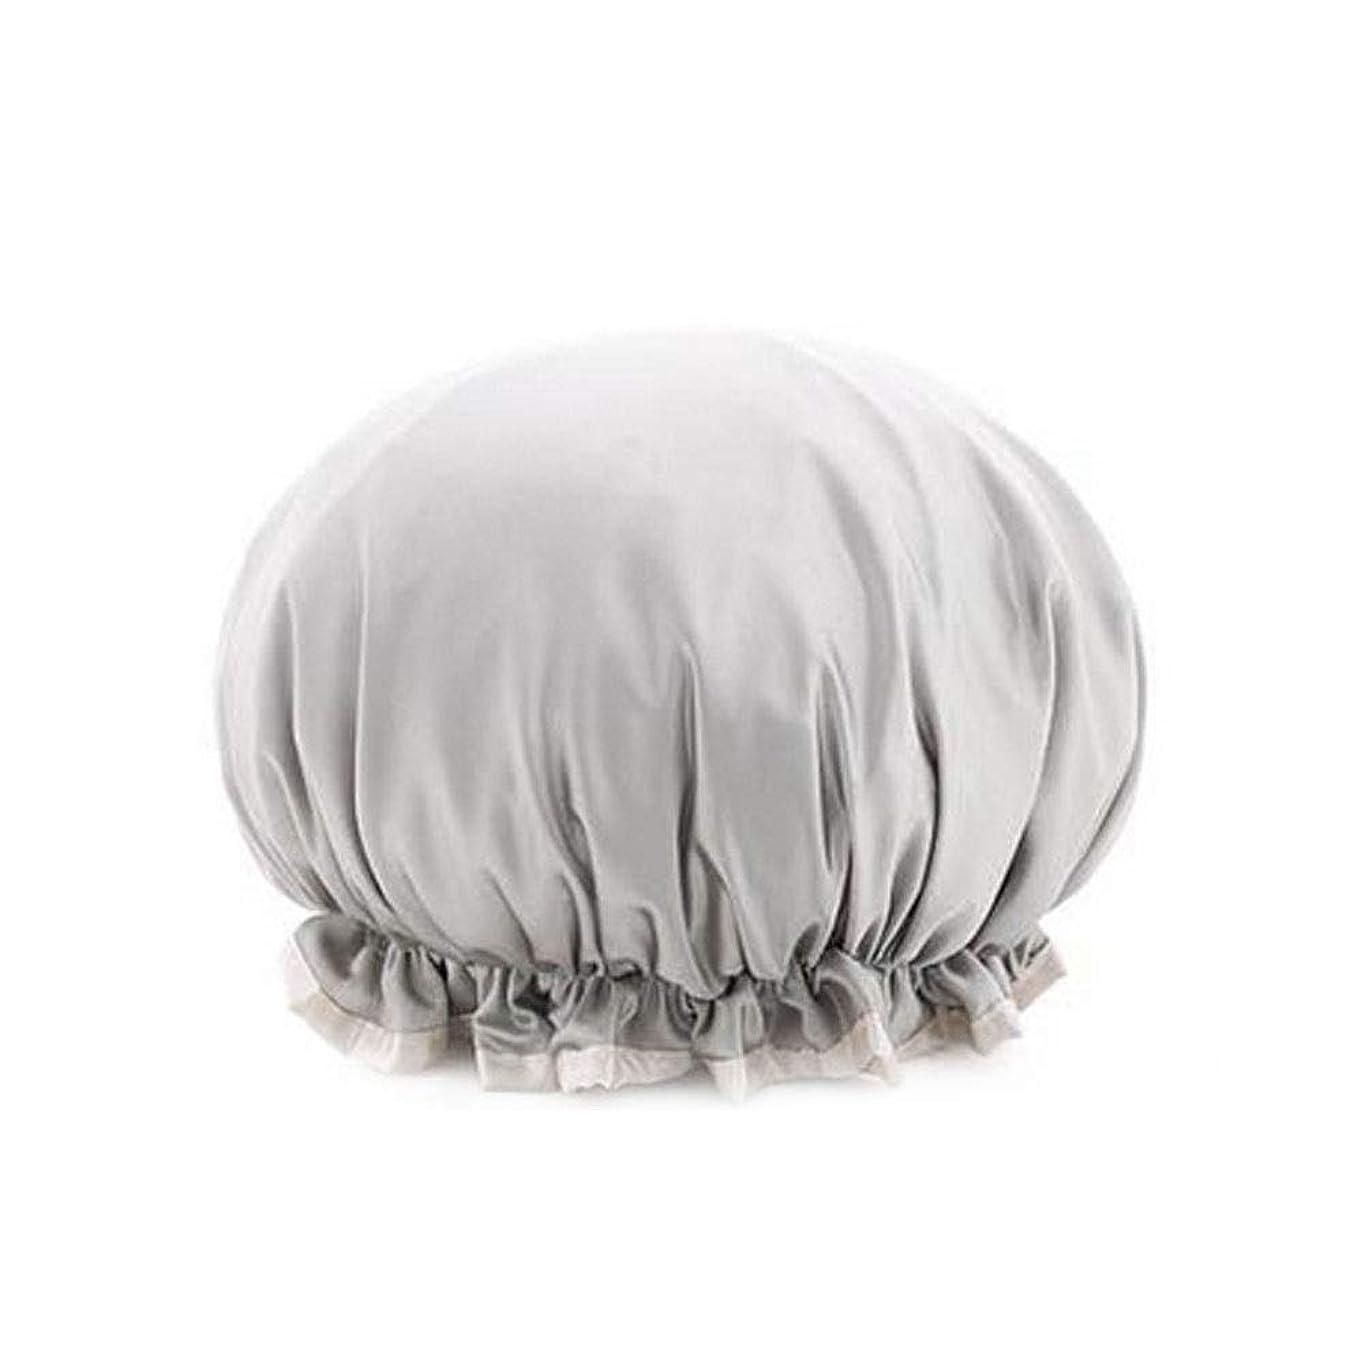 ポテト汚染された傾くシャワーキャップ、レディースシャワーキャップレディース用のすべての髪の長さと太さのデラックスシャワーキャップ - 防水とカビ防止、再利用可能なシャワーキャップ。 (Color : Silver gray)